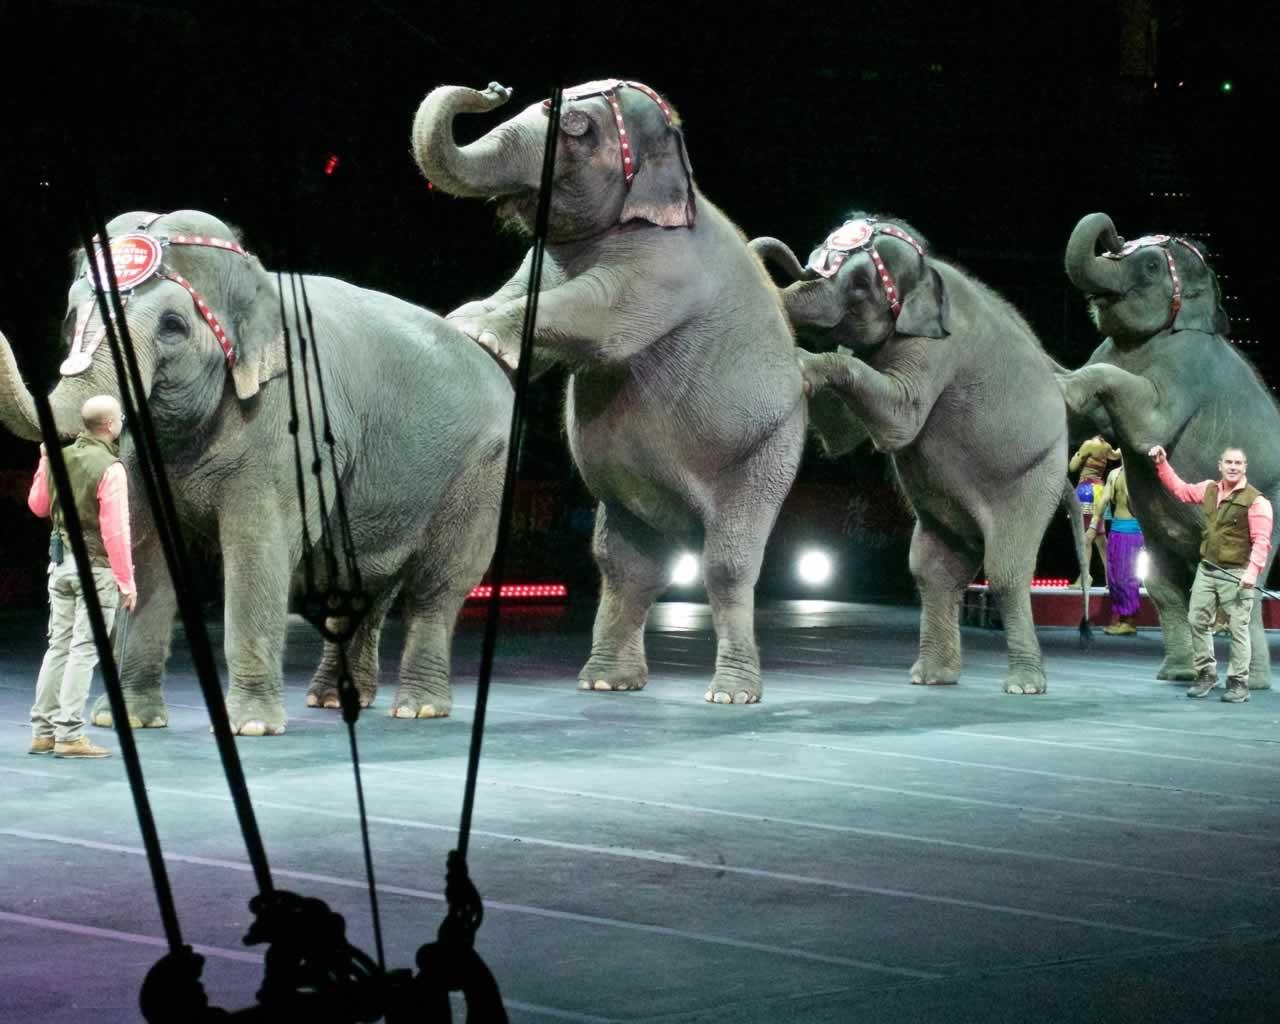 viral video elefantas se tsirko soriazete kato afto pou ekanan i ypolipi elefantes tha to thymase gia panta